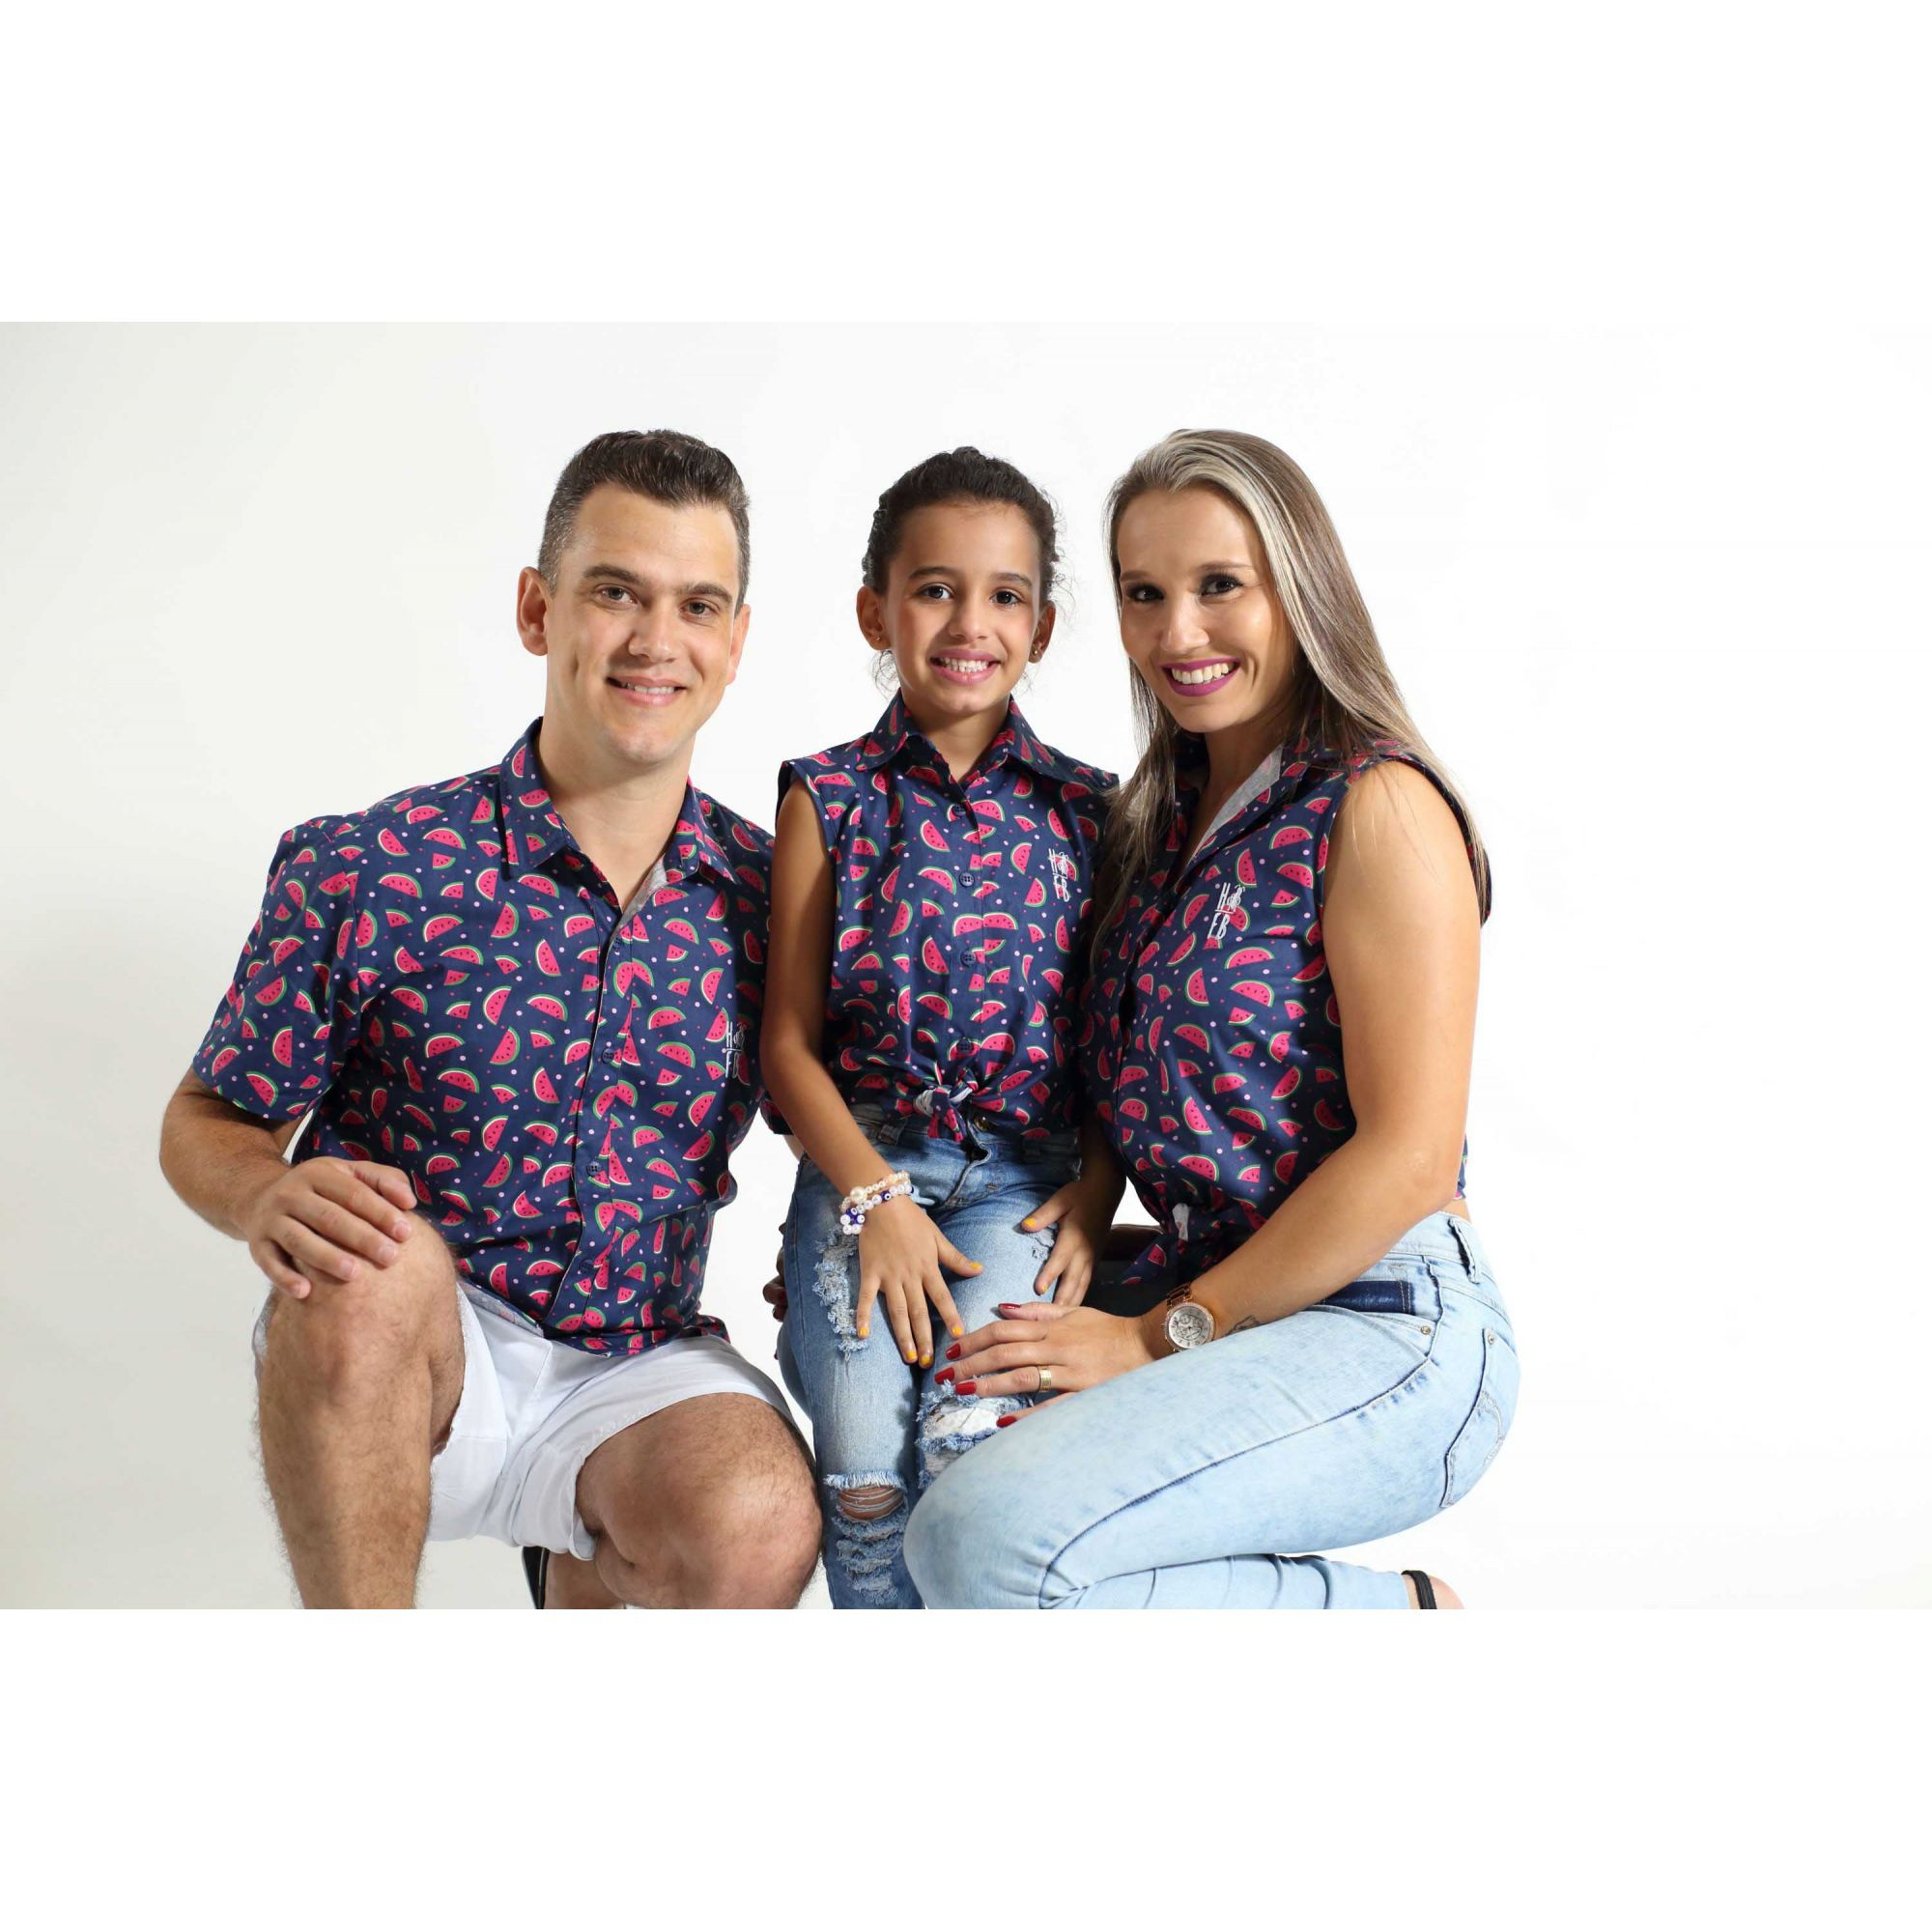 PAIS E FILHAS > Kit 3 peças Camisas Social Melancia [Coleção Família]  - Heitor Fashion Brazil